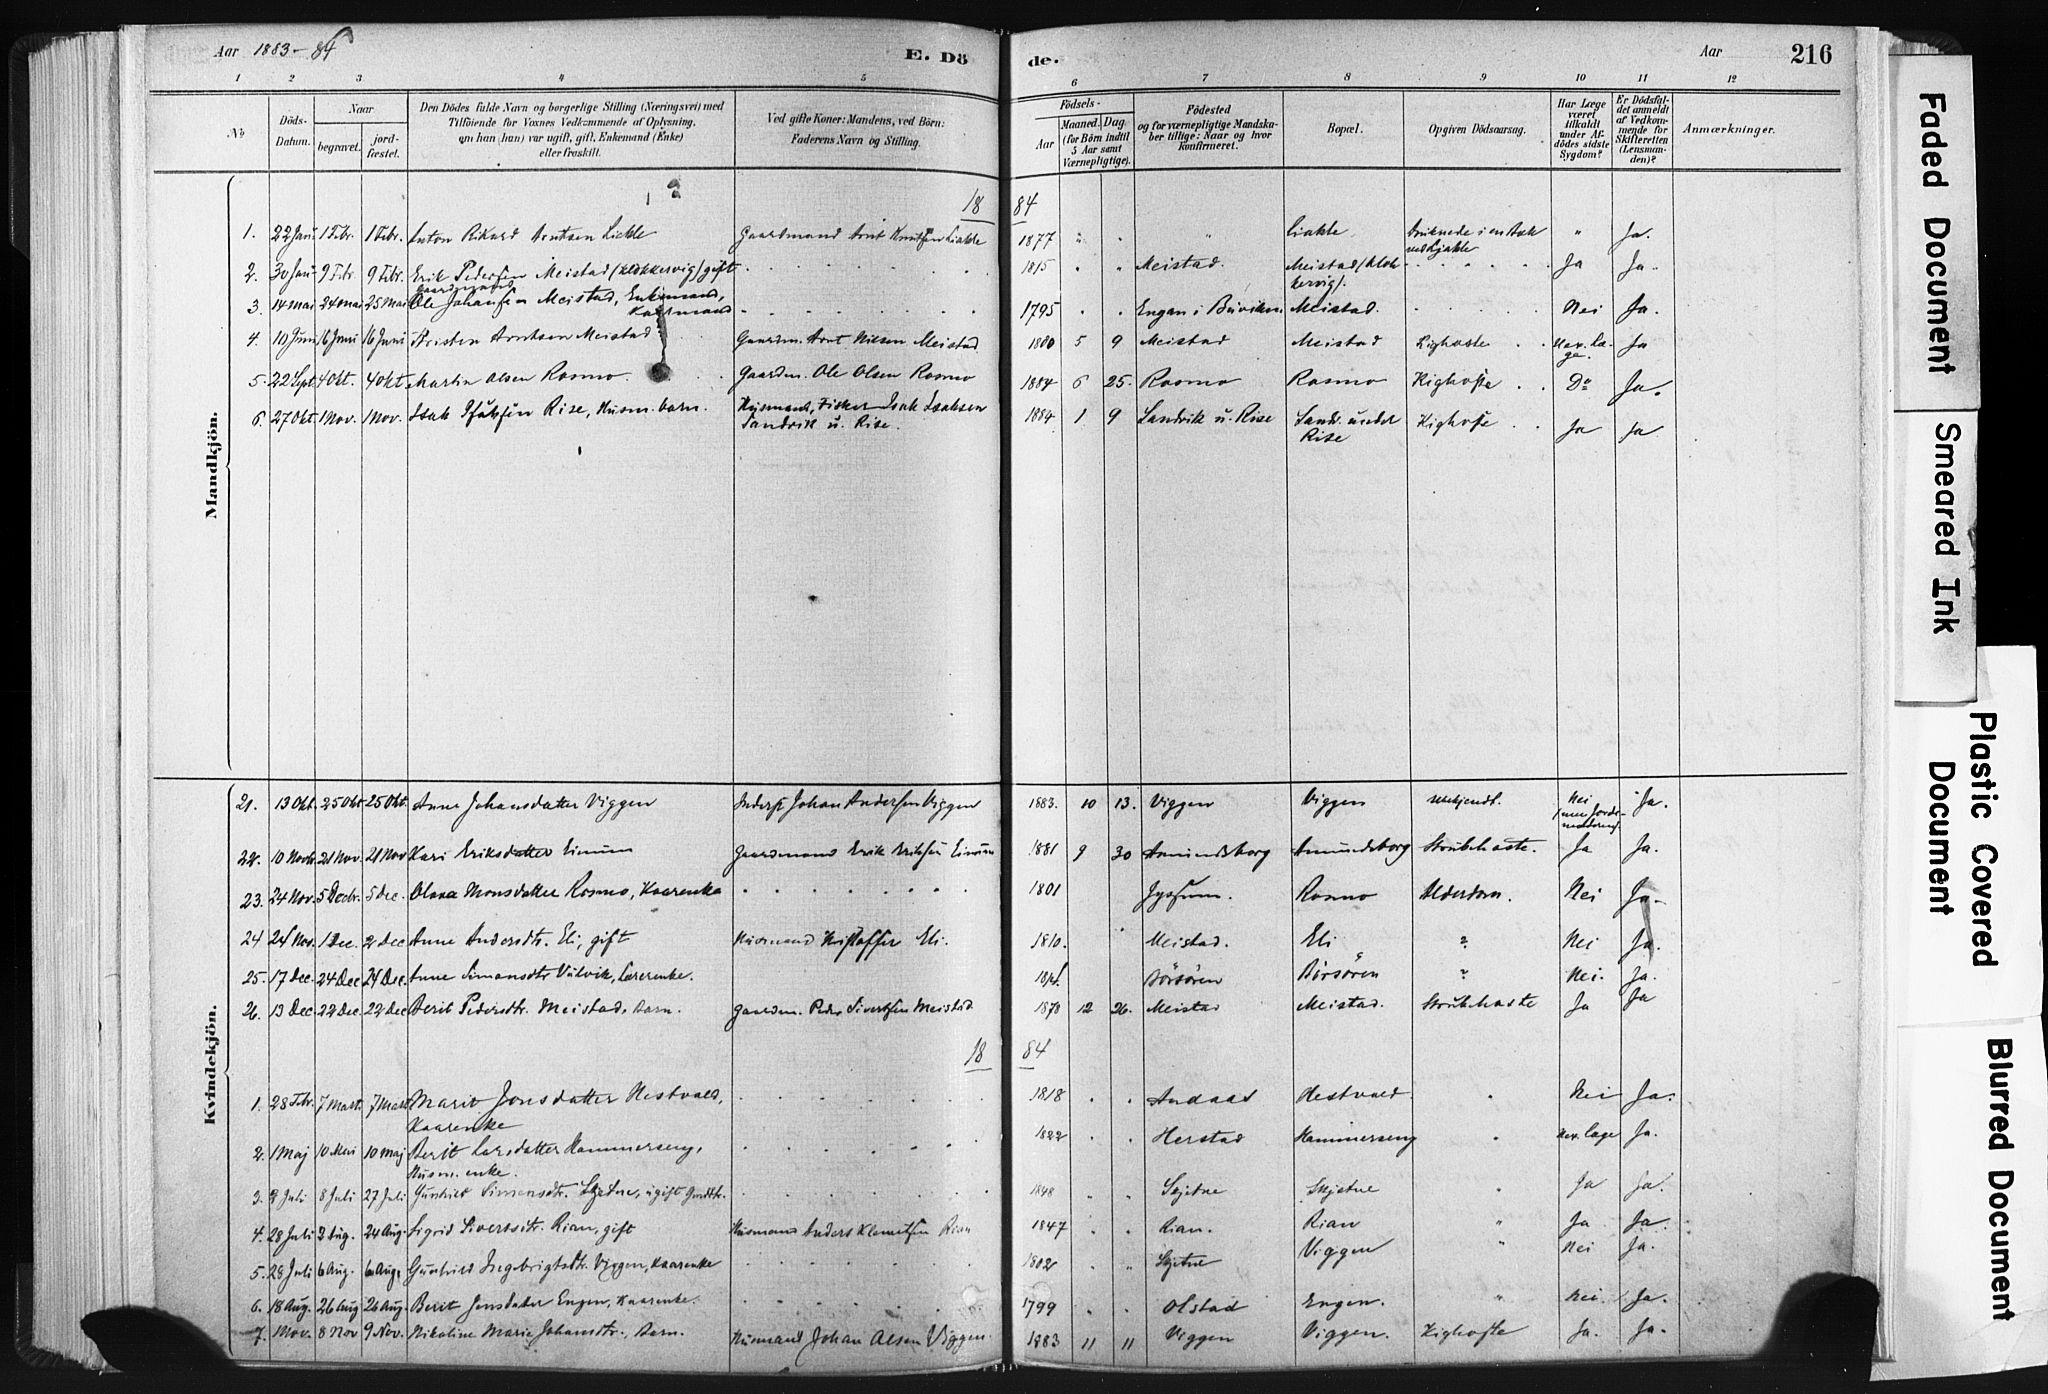 SAT, Ministerialprotokoller, klokkerbøker og fødselsregistre - Sør-Trøndelag, 665/L0773: Ministerialbok nr. 665A08, 1879-1905, s. 216